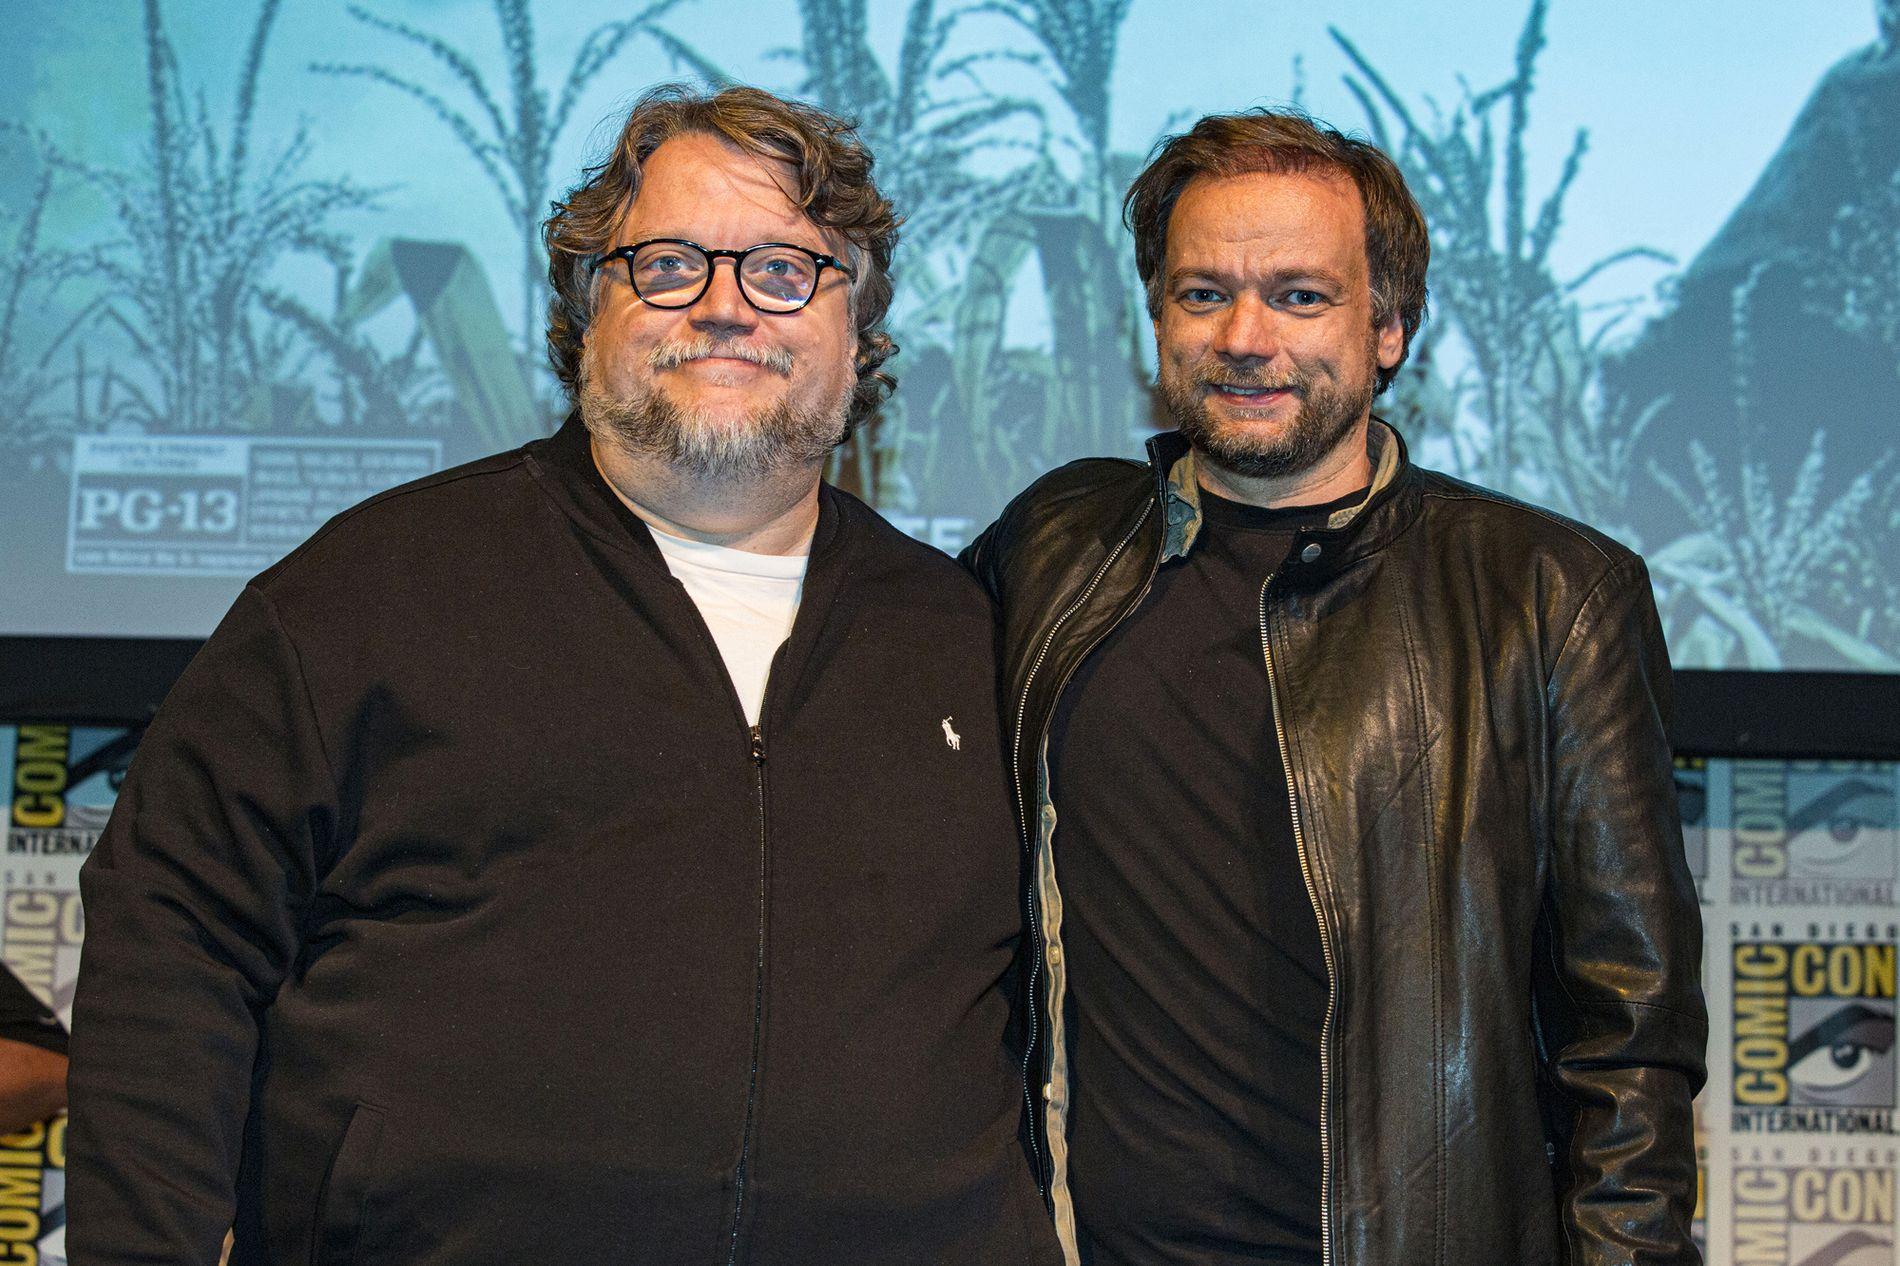 BAKMENN: Guillermo del Toro (til venstre) og André Øvredal står bak «Scary Stories To Tell In The Dark».